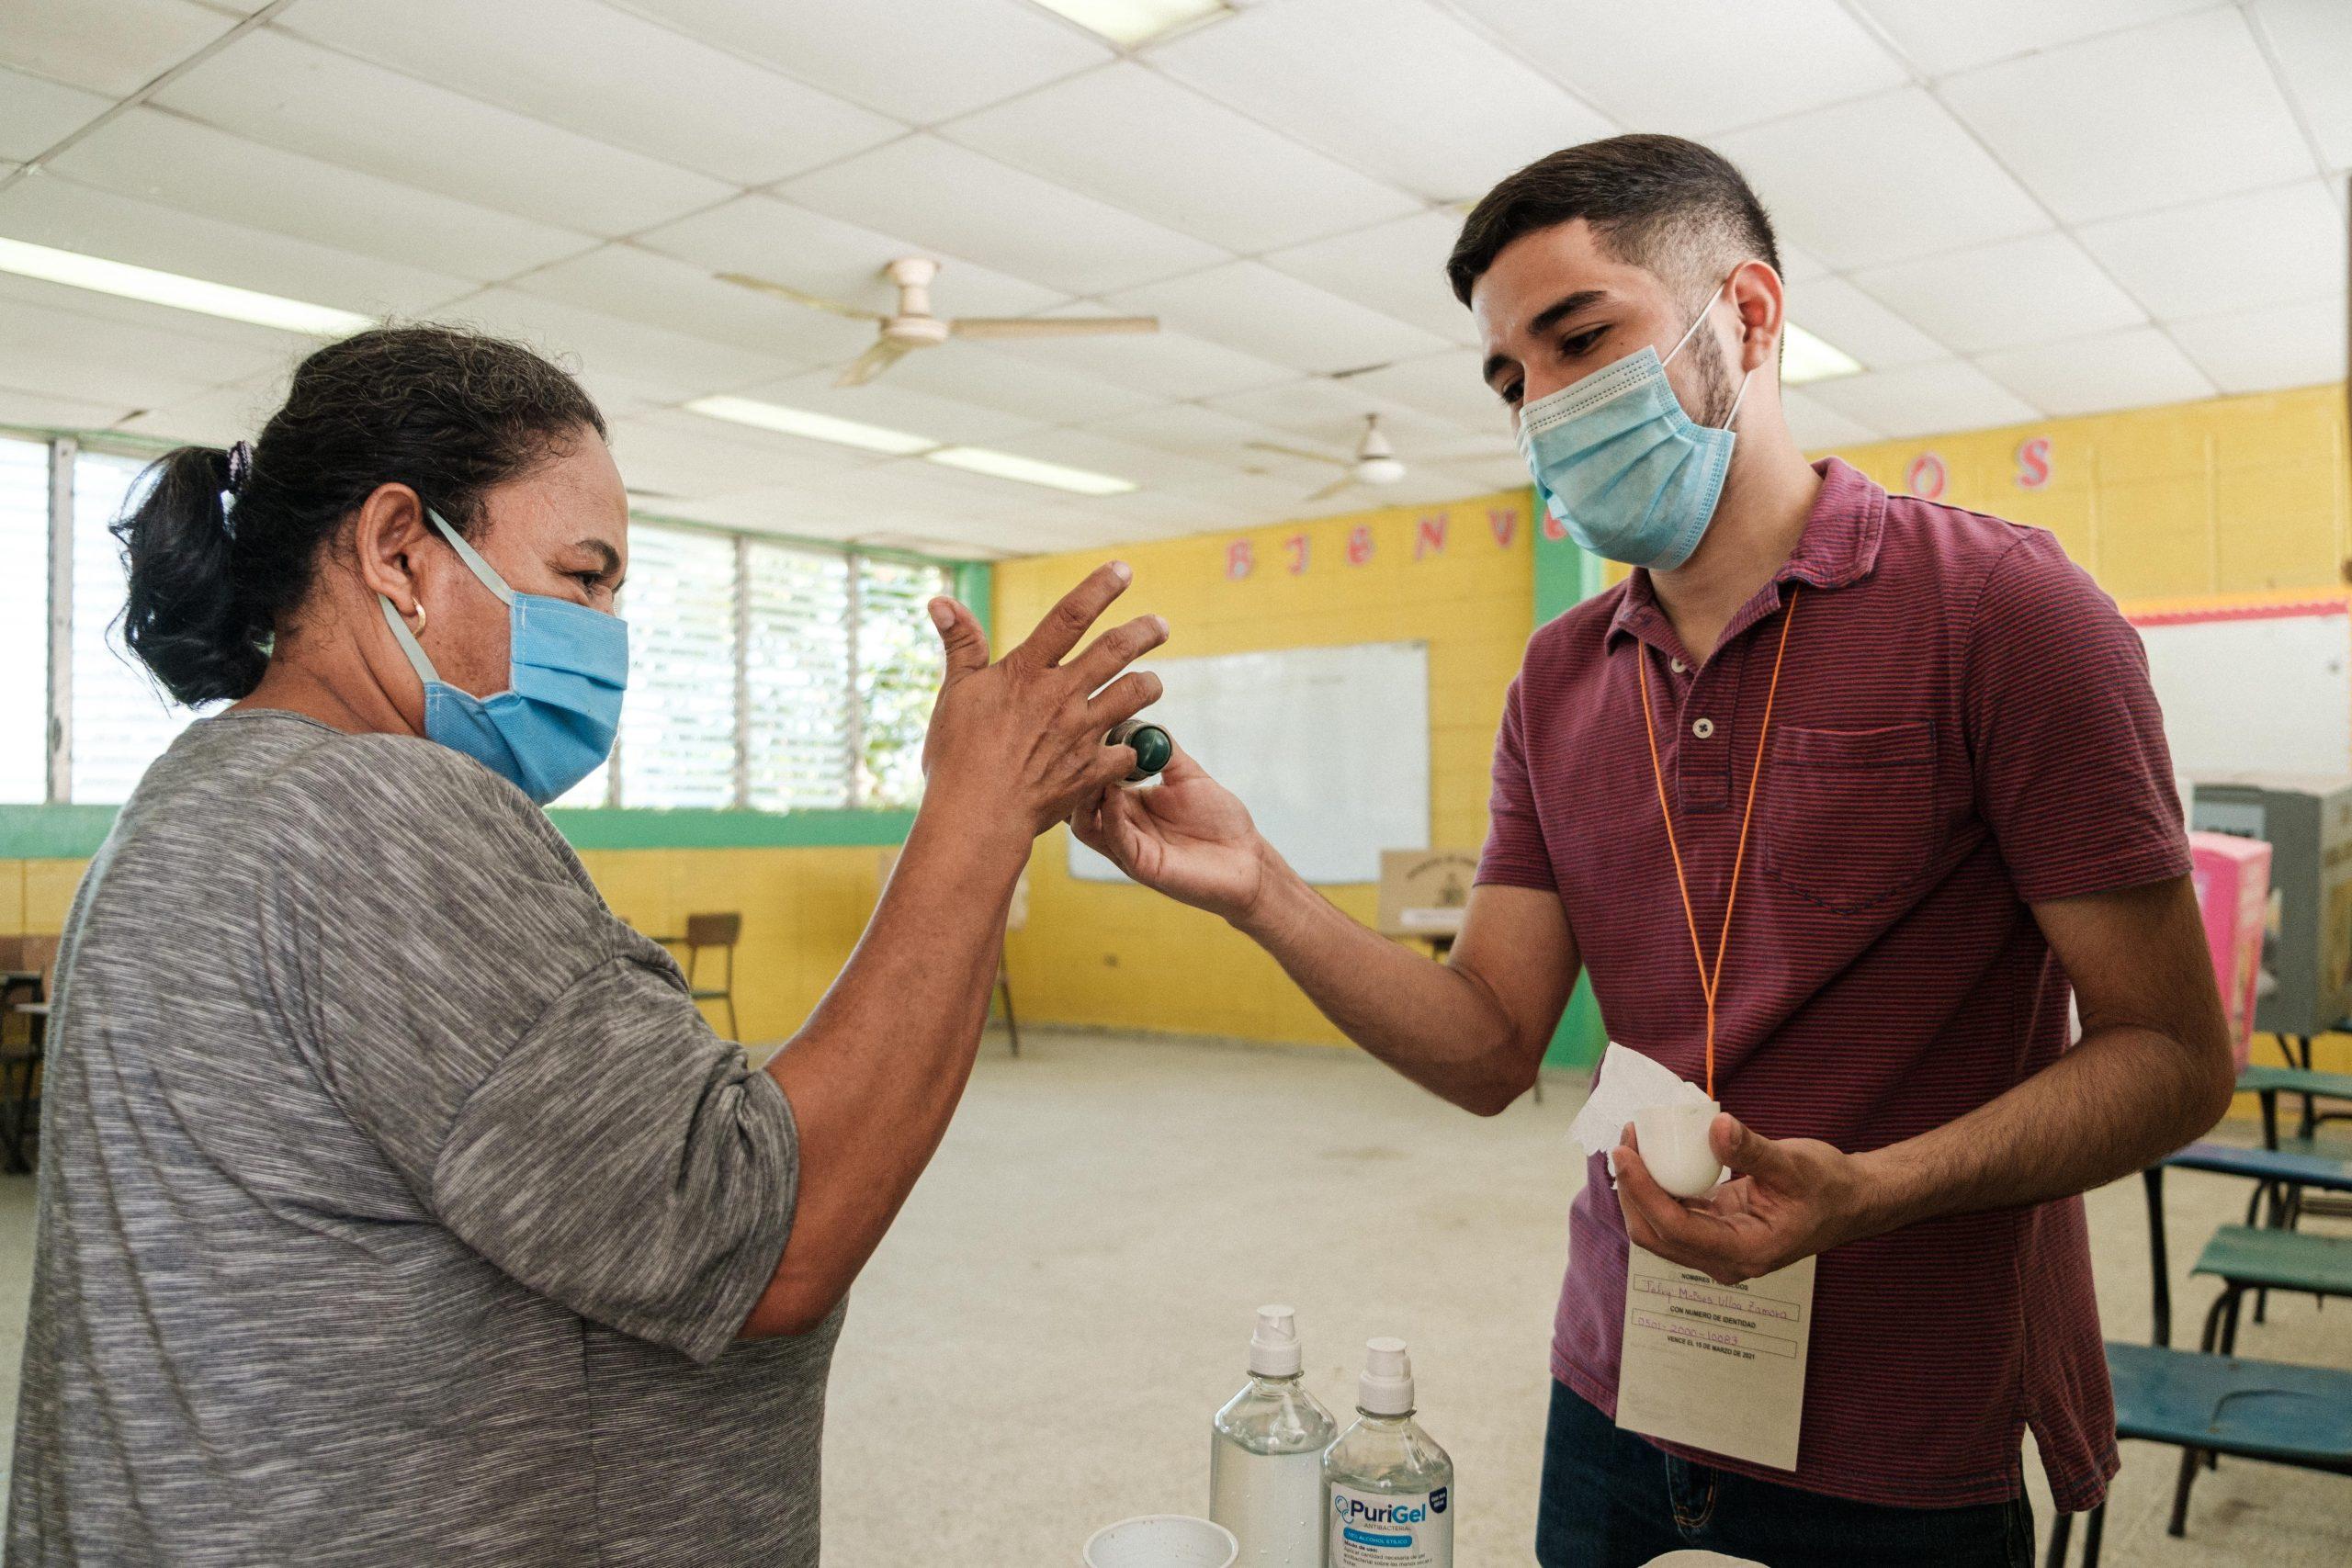 Un miembro de una mesa electoral aplica tinta indeleble en el dedo de una señora que ya ejerció el sufragio. San Pedro Sula, 14 de marzo de 2021. Foto: Deiby Yanes.